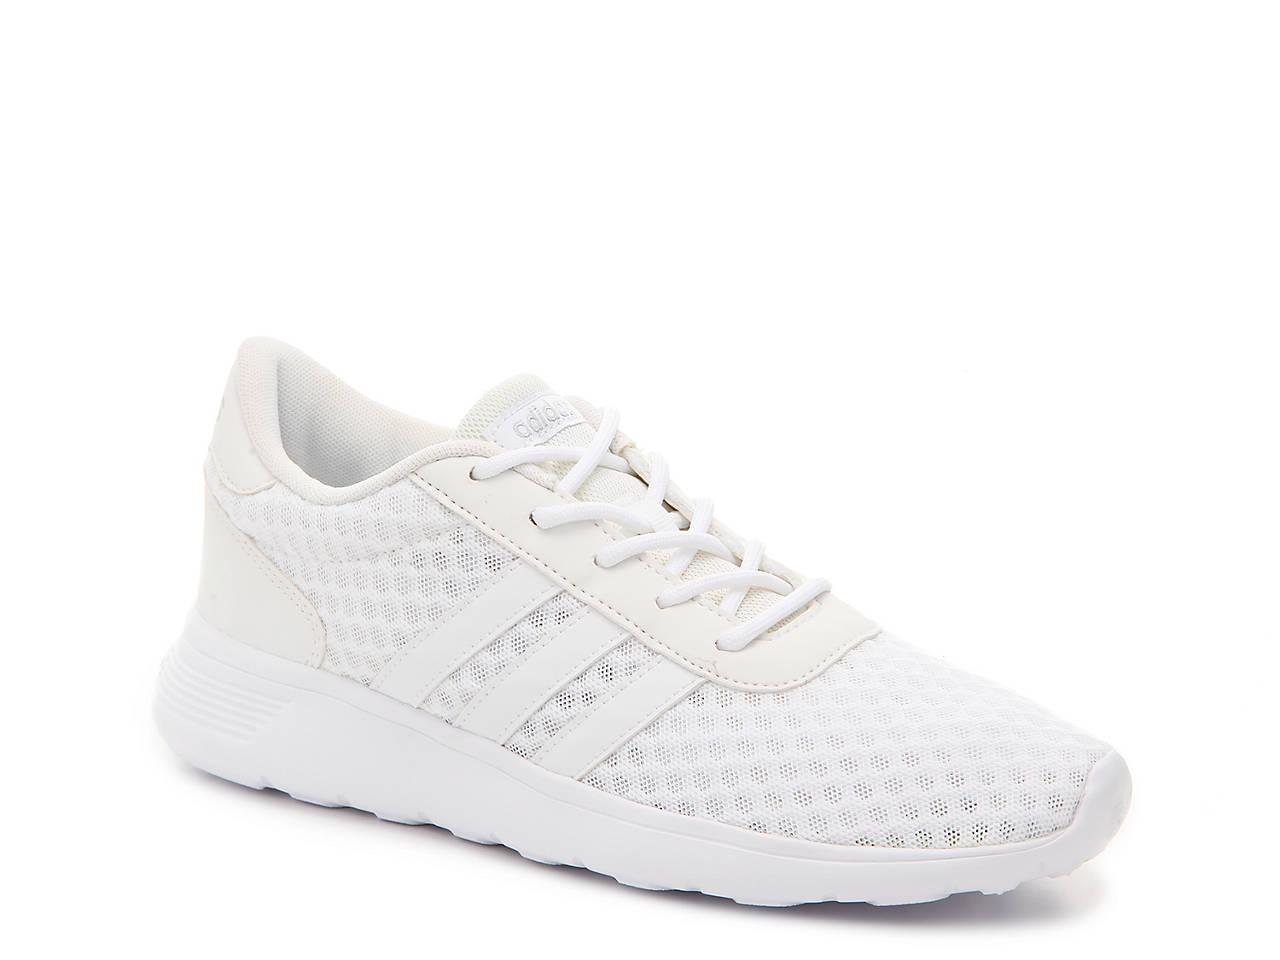 53e972228679 adidas Lite Racer Mesh Sneaker - Women s Women s Shoes